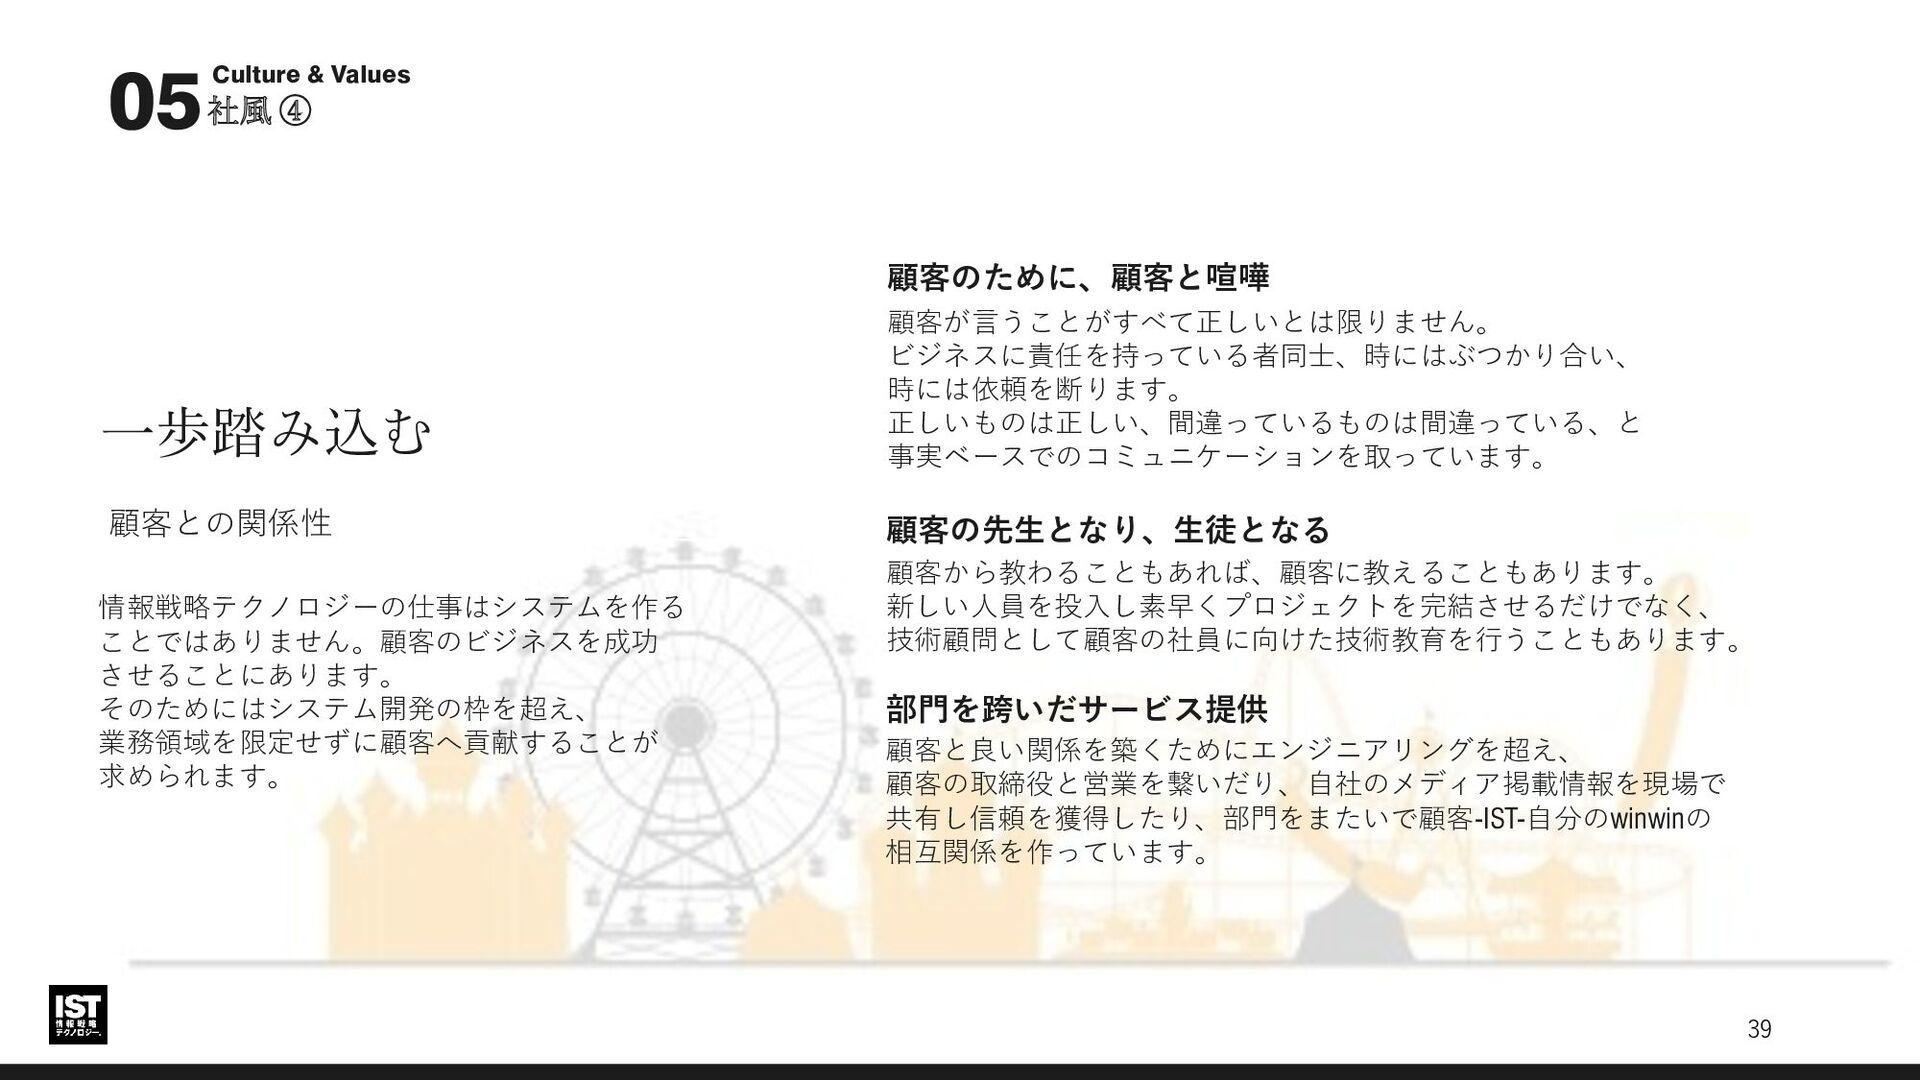 オフィス風景 社風・価値観 05 部屋のネーミングは漢字一文字。 信・和・夢・学・尊・徳・志・...